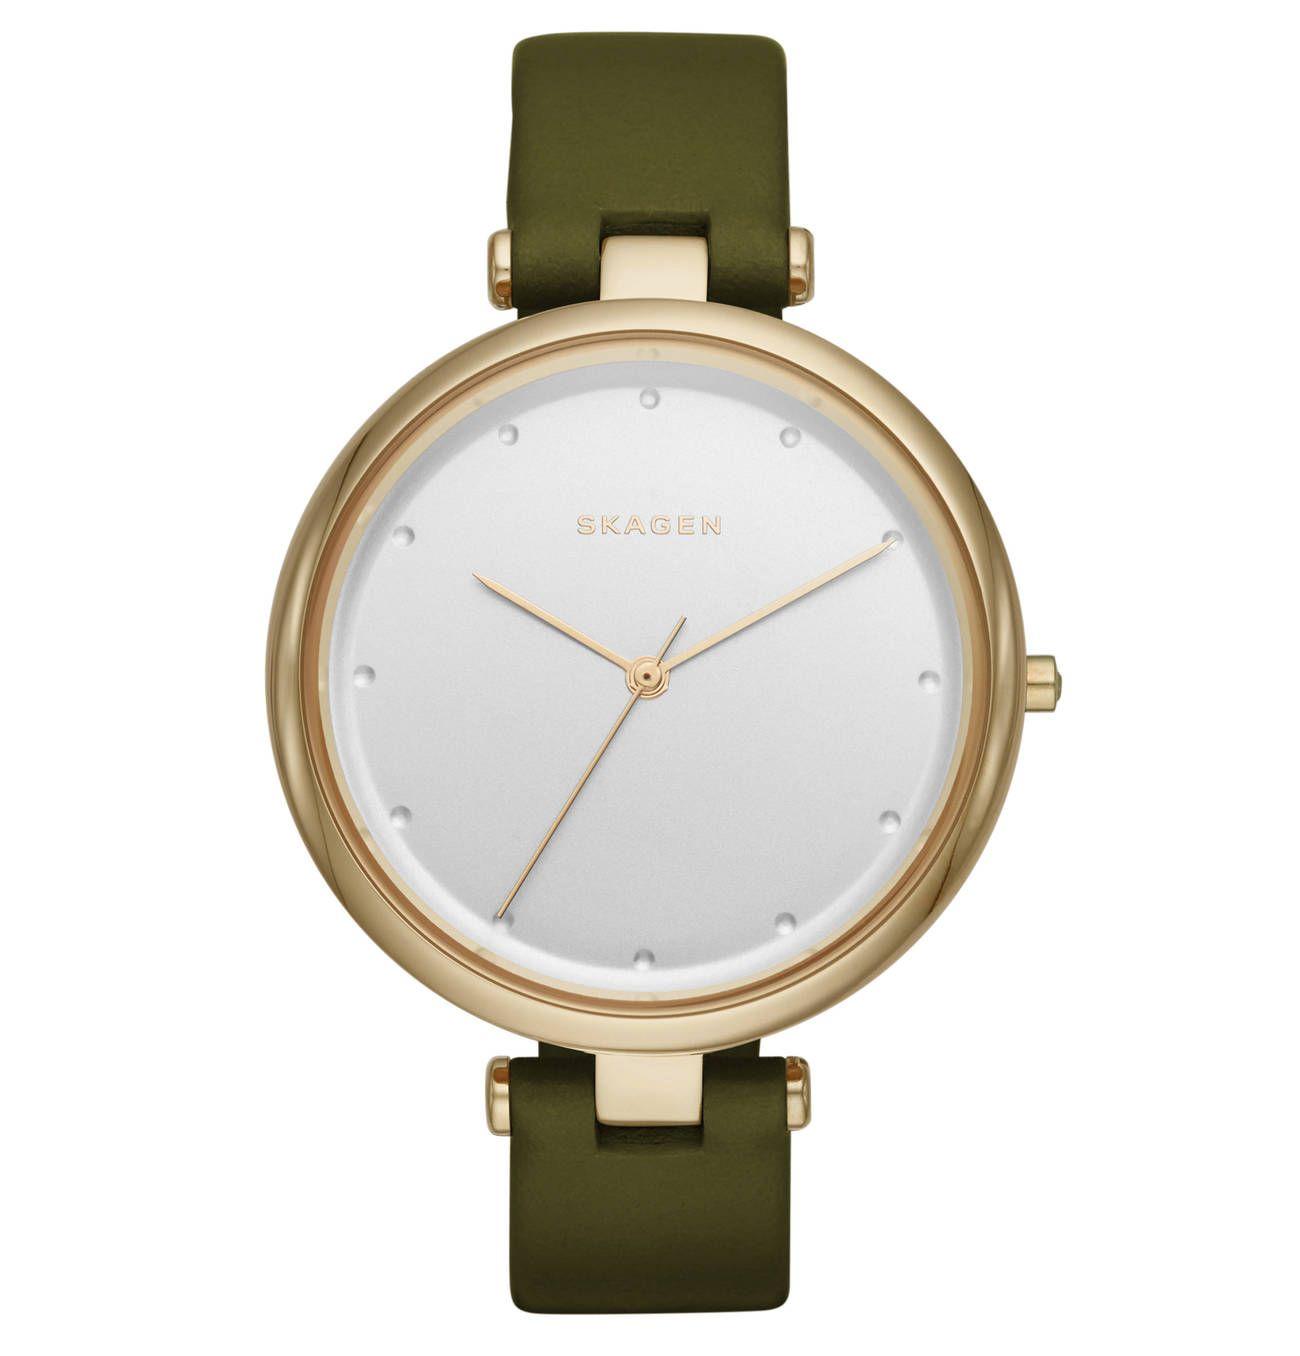 1000undeinenwunsch Skagen Watches Watch Uhren Uhr Denmark Danishdesign Damenuhr Mode Online Shop Uhr